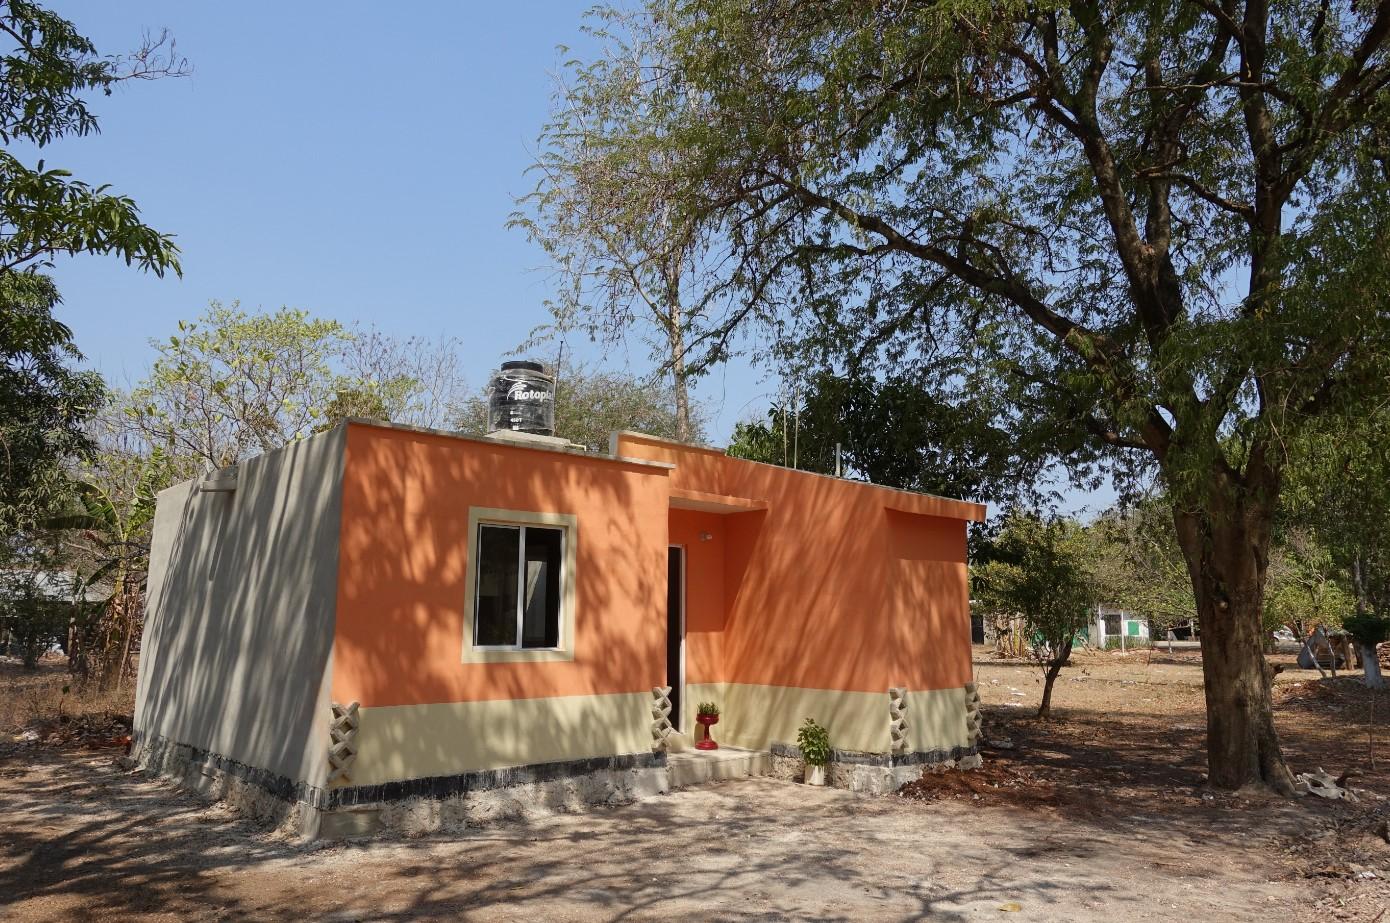 Construir tu propia casa beautiful como hacer tu propia for Hacer tu propia casa